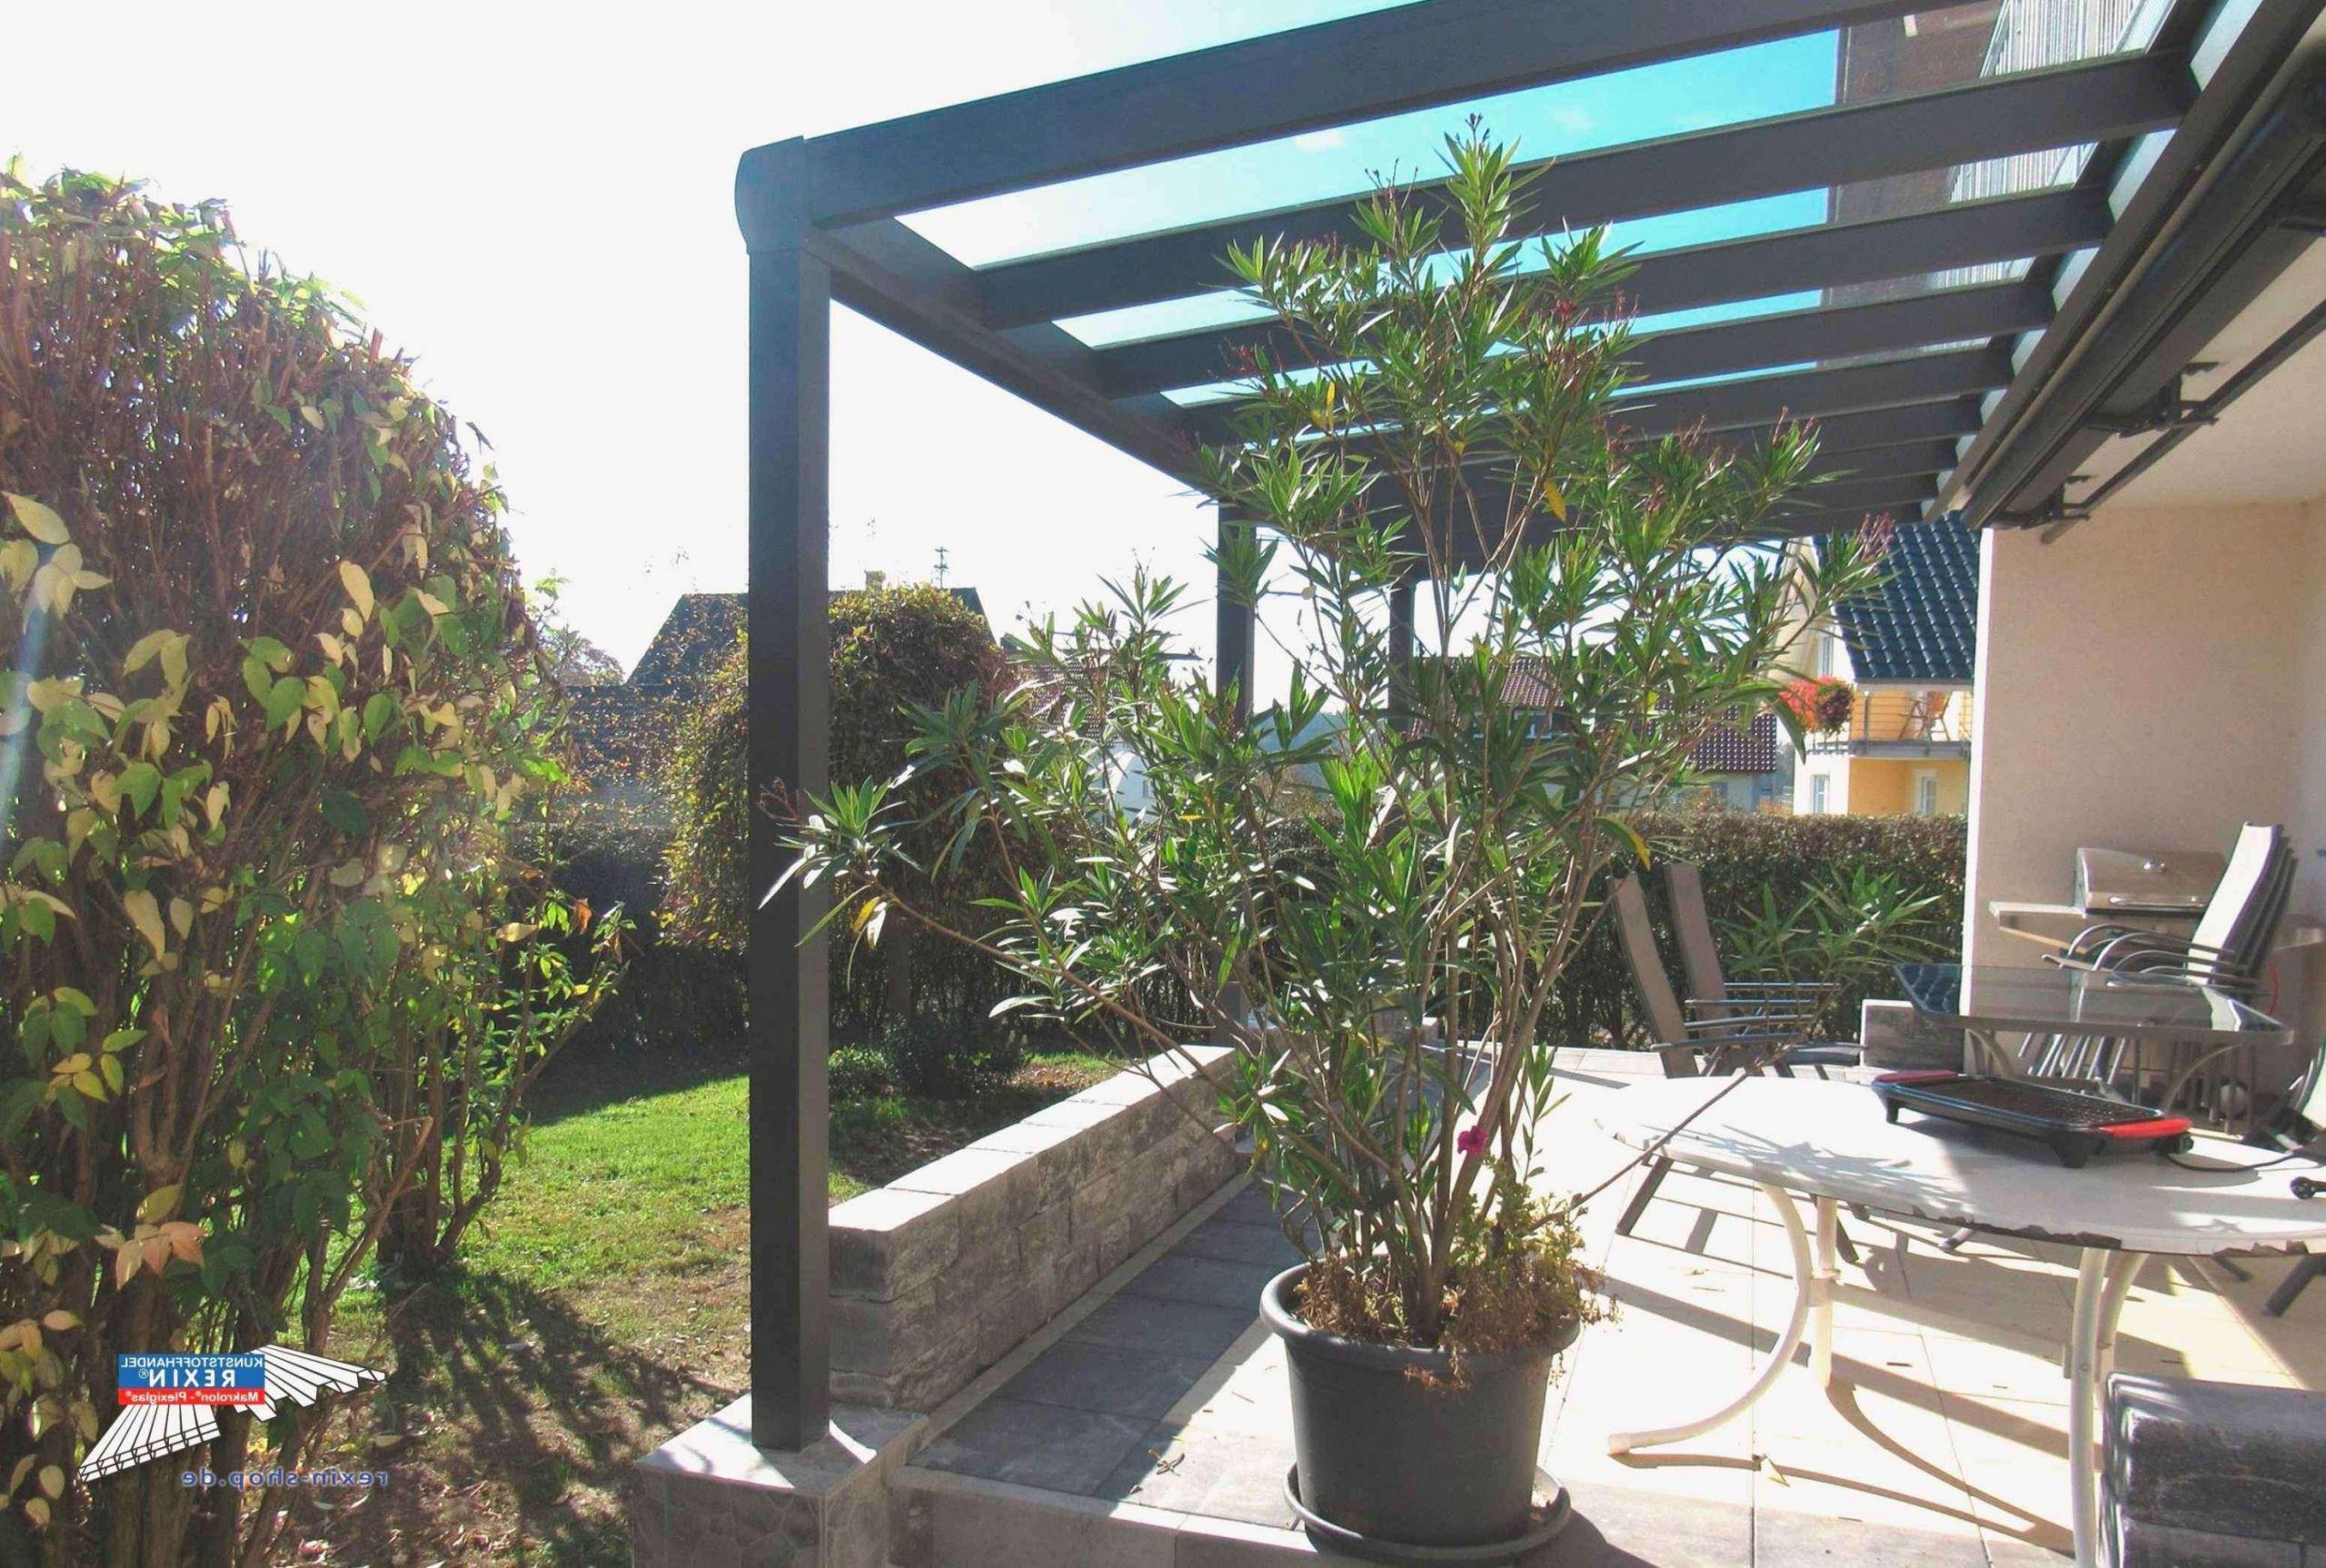 42 kollektion balkon farbe foto gestaltung kleiner balkon gestaltung kleiner balkon